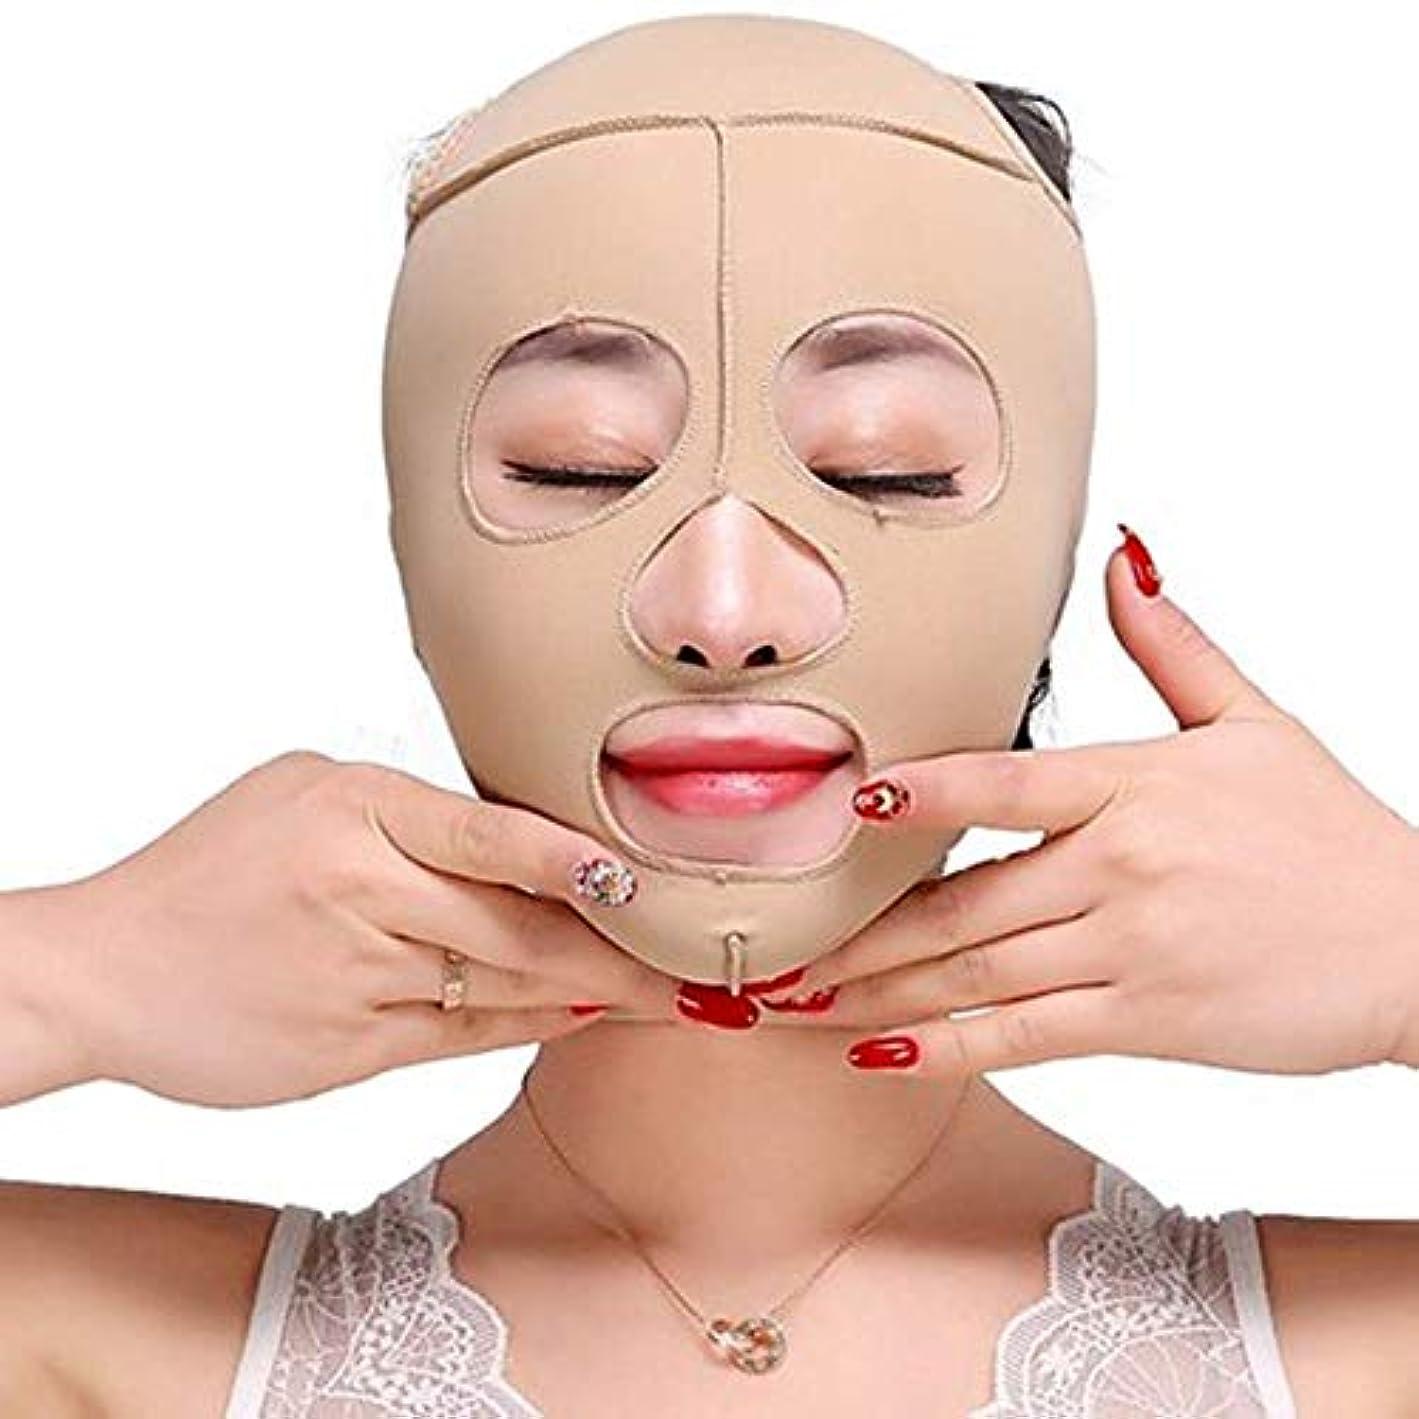 神経つかむ宣伝美容と実用的なVフェイスマスク、フェイシャルフェイス、ダブルチンシンフェイスバンデージ(サイズ:S)